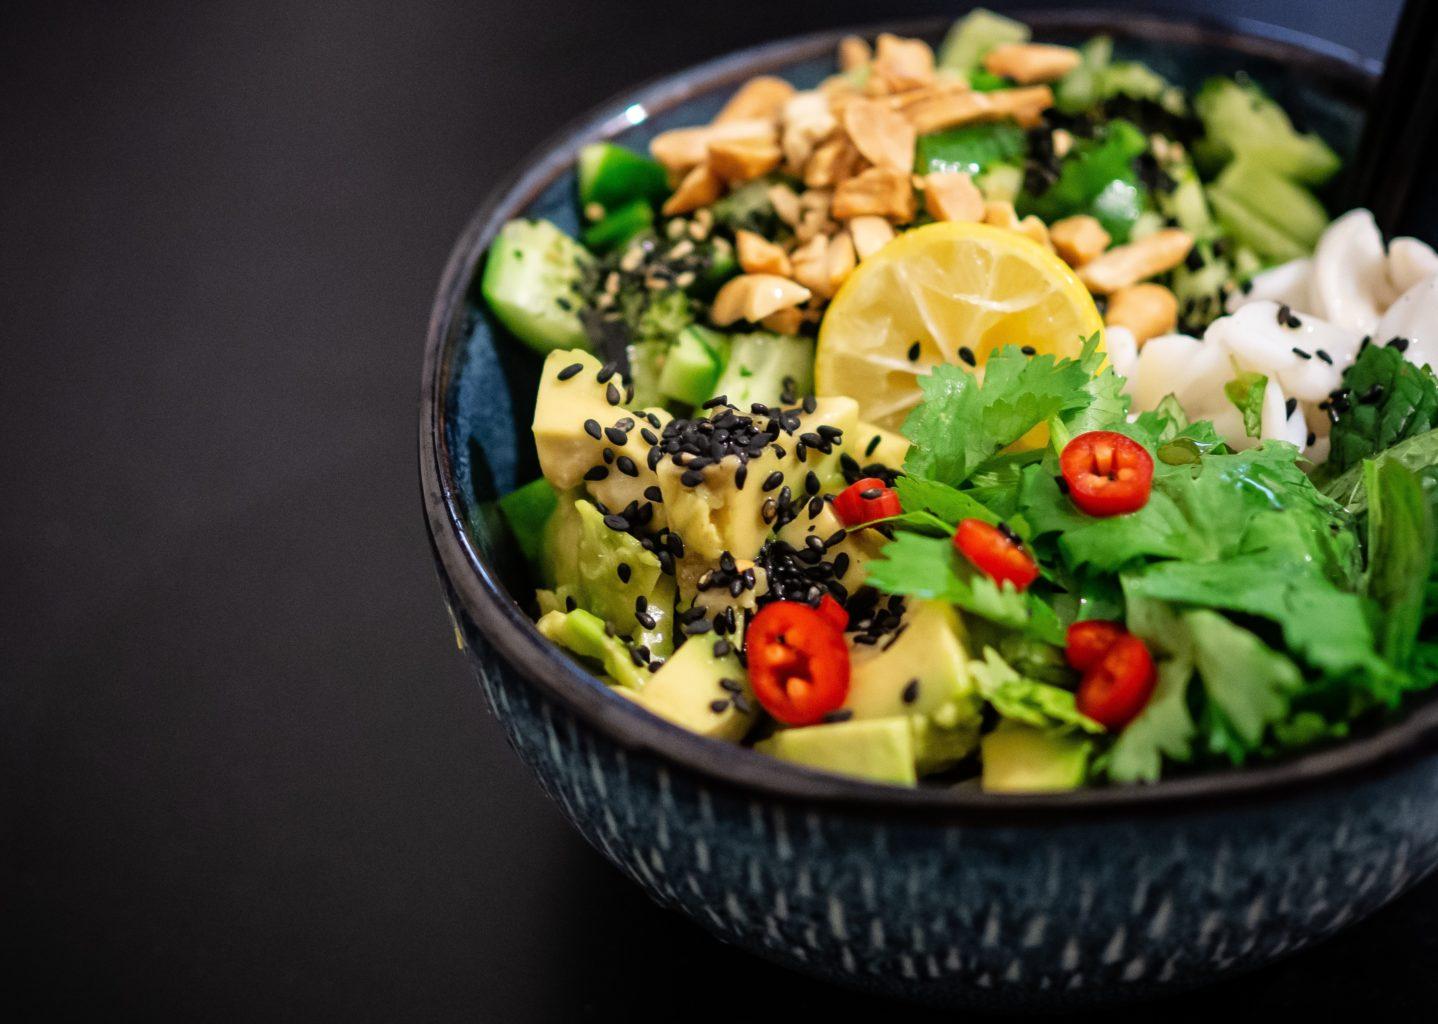 salata de post cu lamaie, salata verde, alune, ardei rosu, avocado si salata verde,  in bol negru pe fundal negru